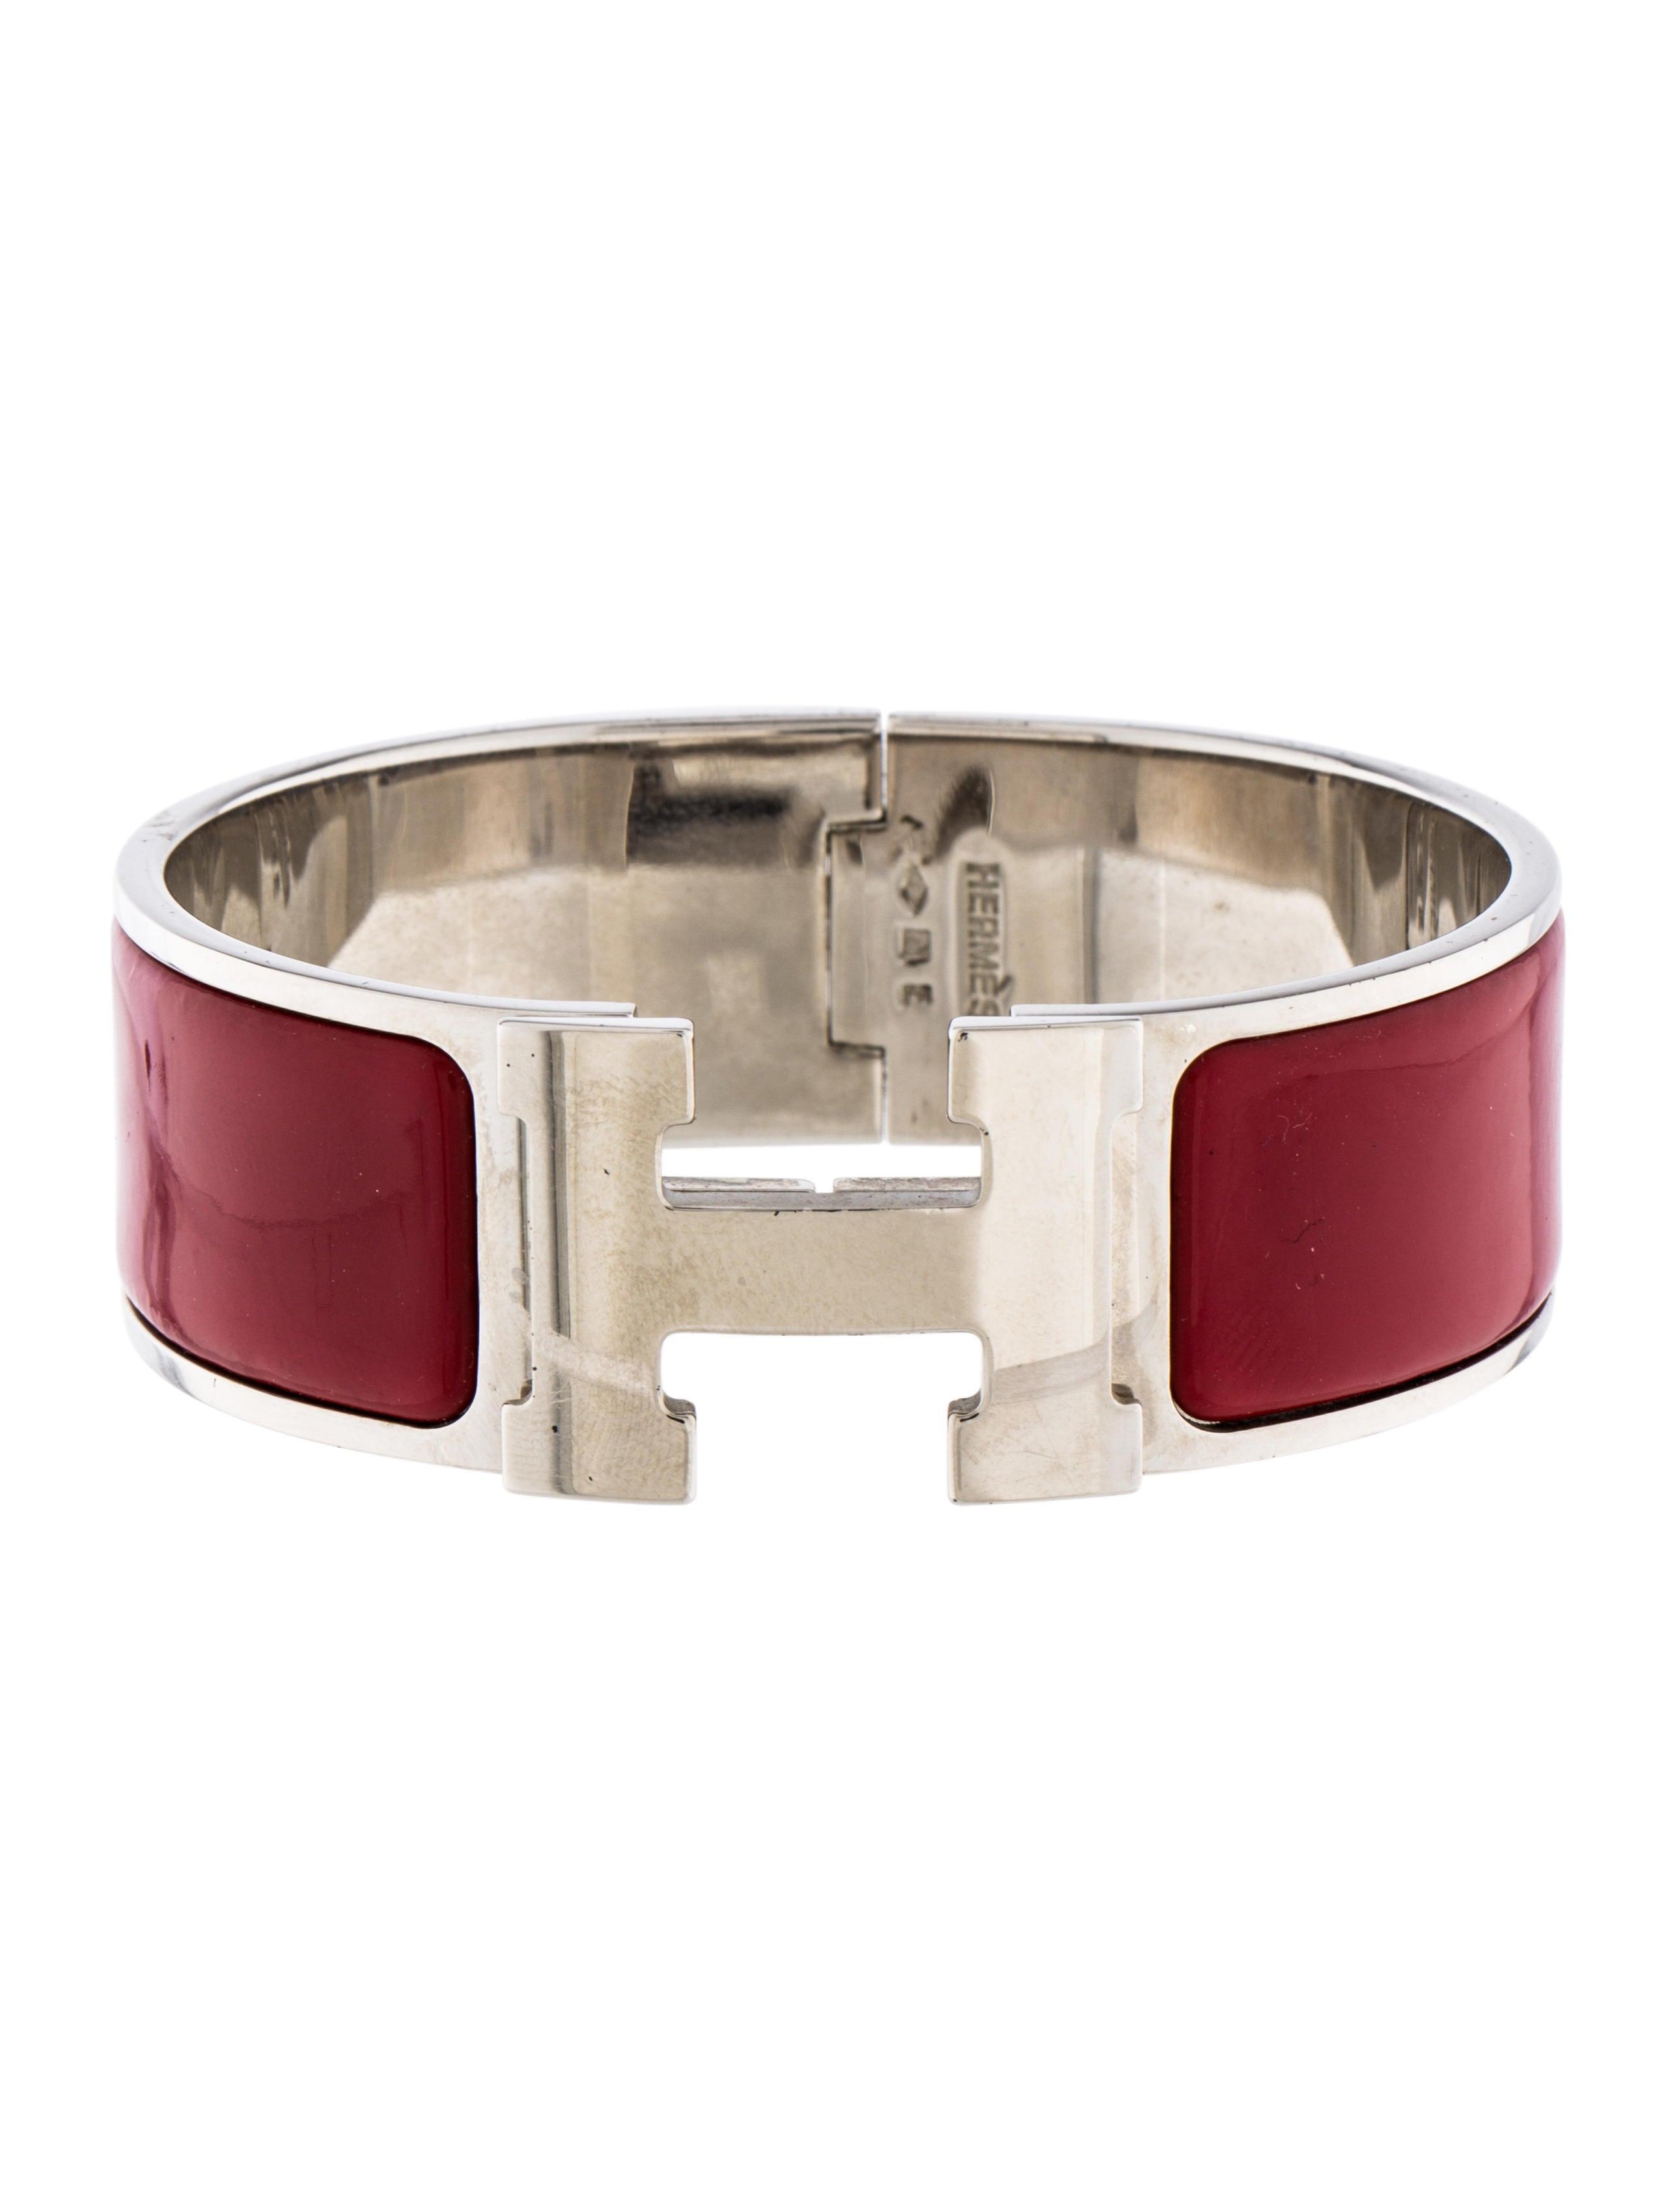 herm s clic clac h bracelet bracelets her111452 the. Black Bedroom Furniture Sets. Home Design Ideas